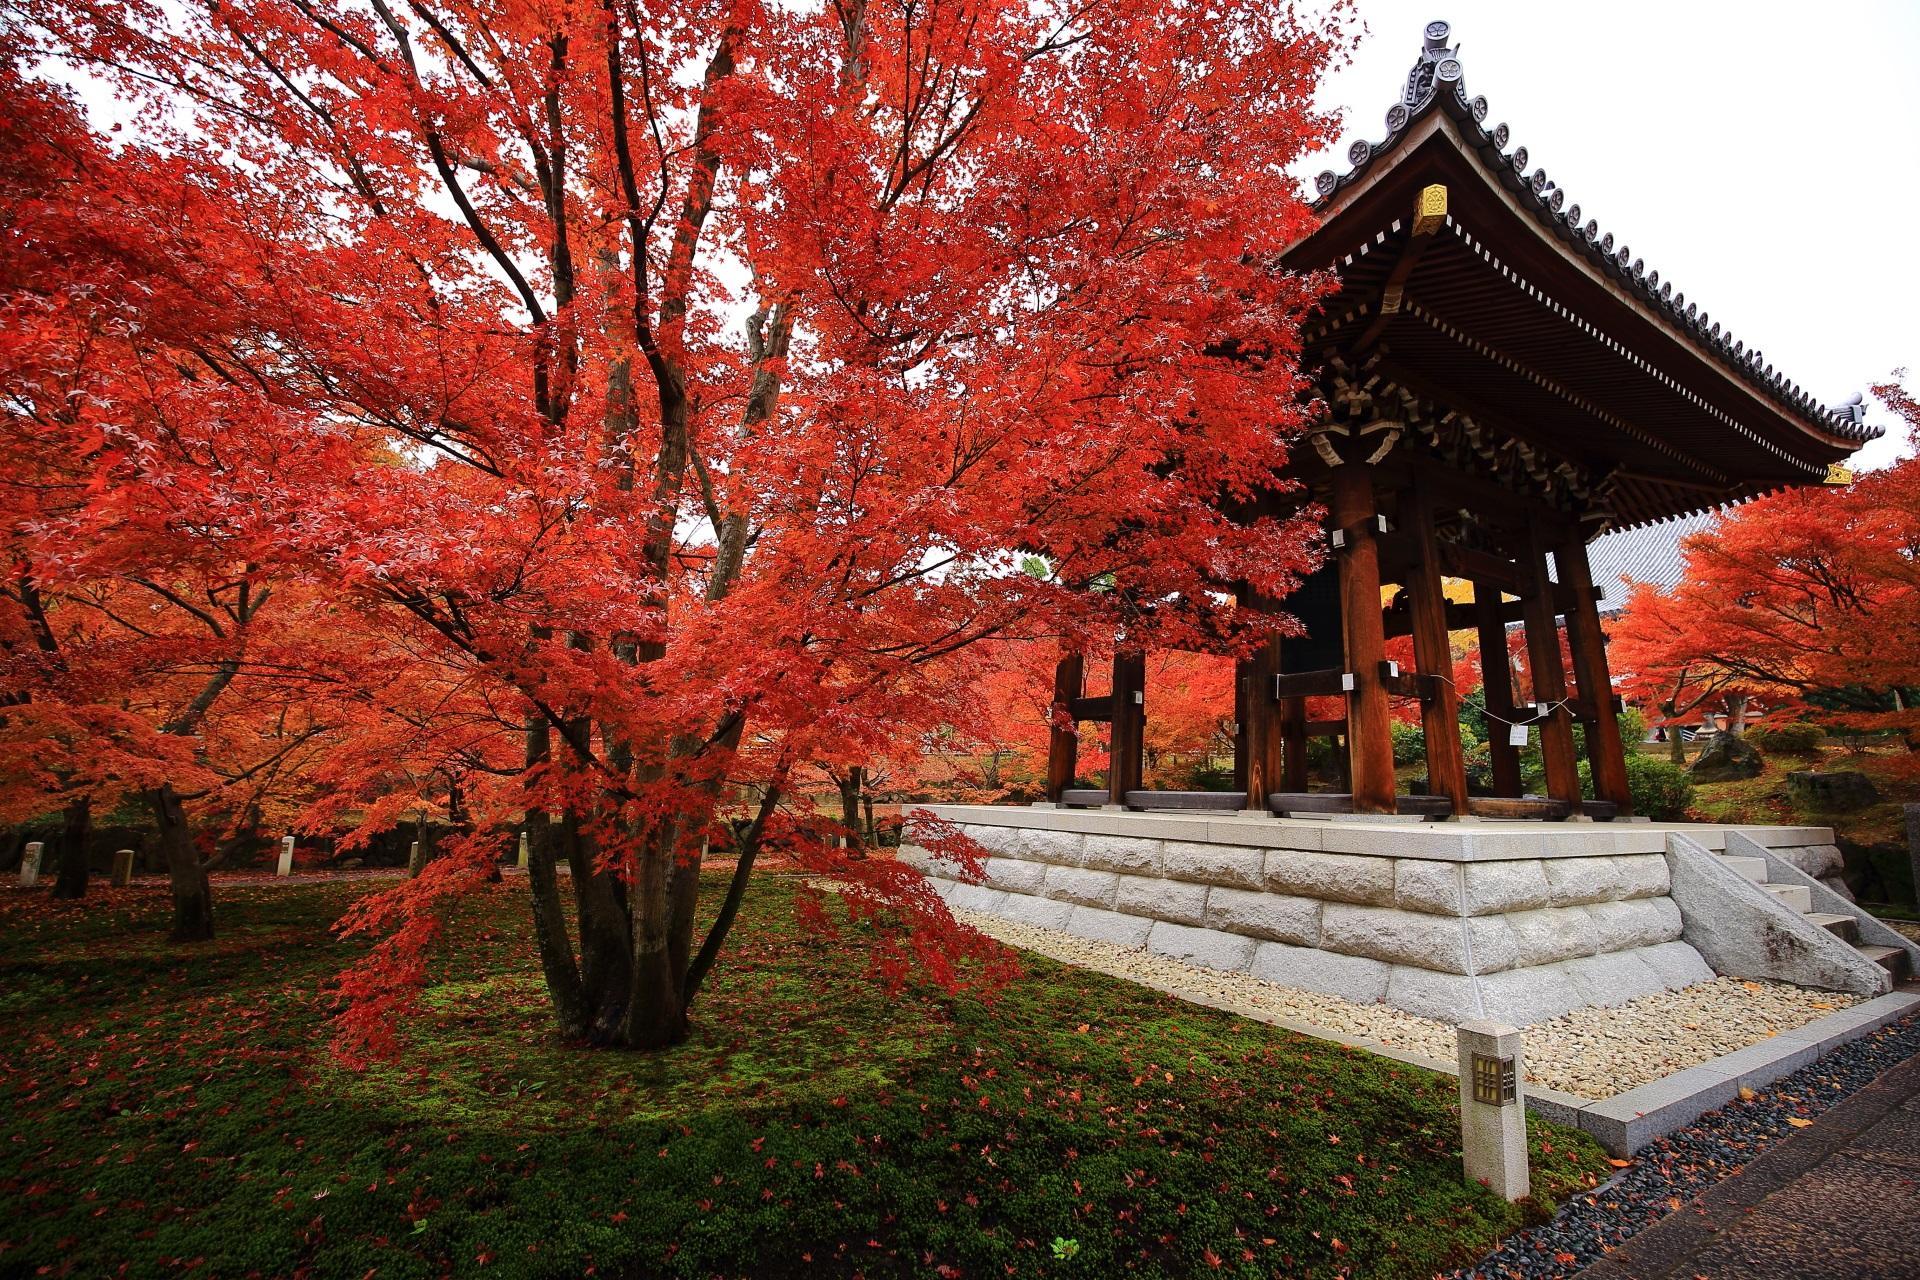 雨で潤う鐘楼と境内を彩る炎のような赤い紅葉